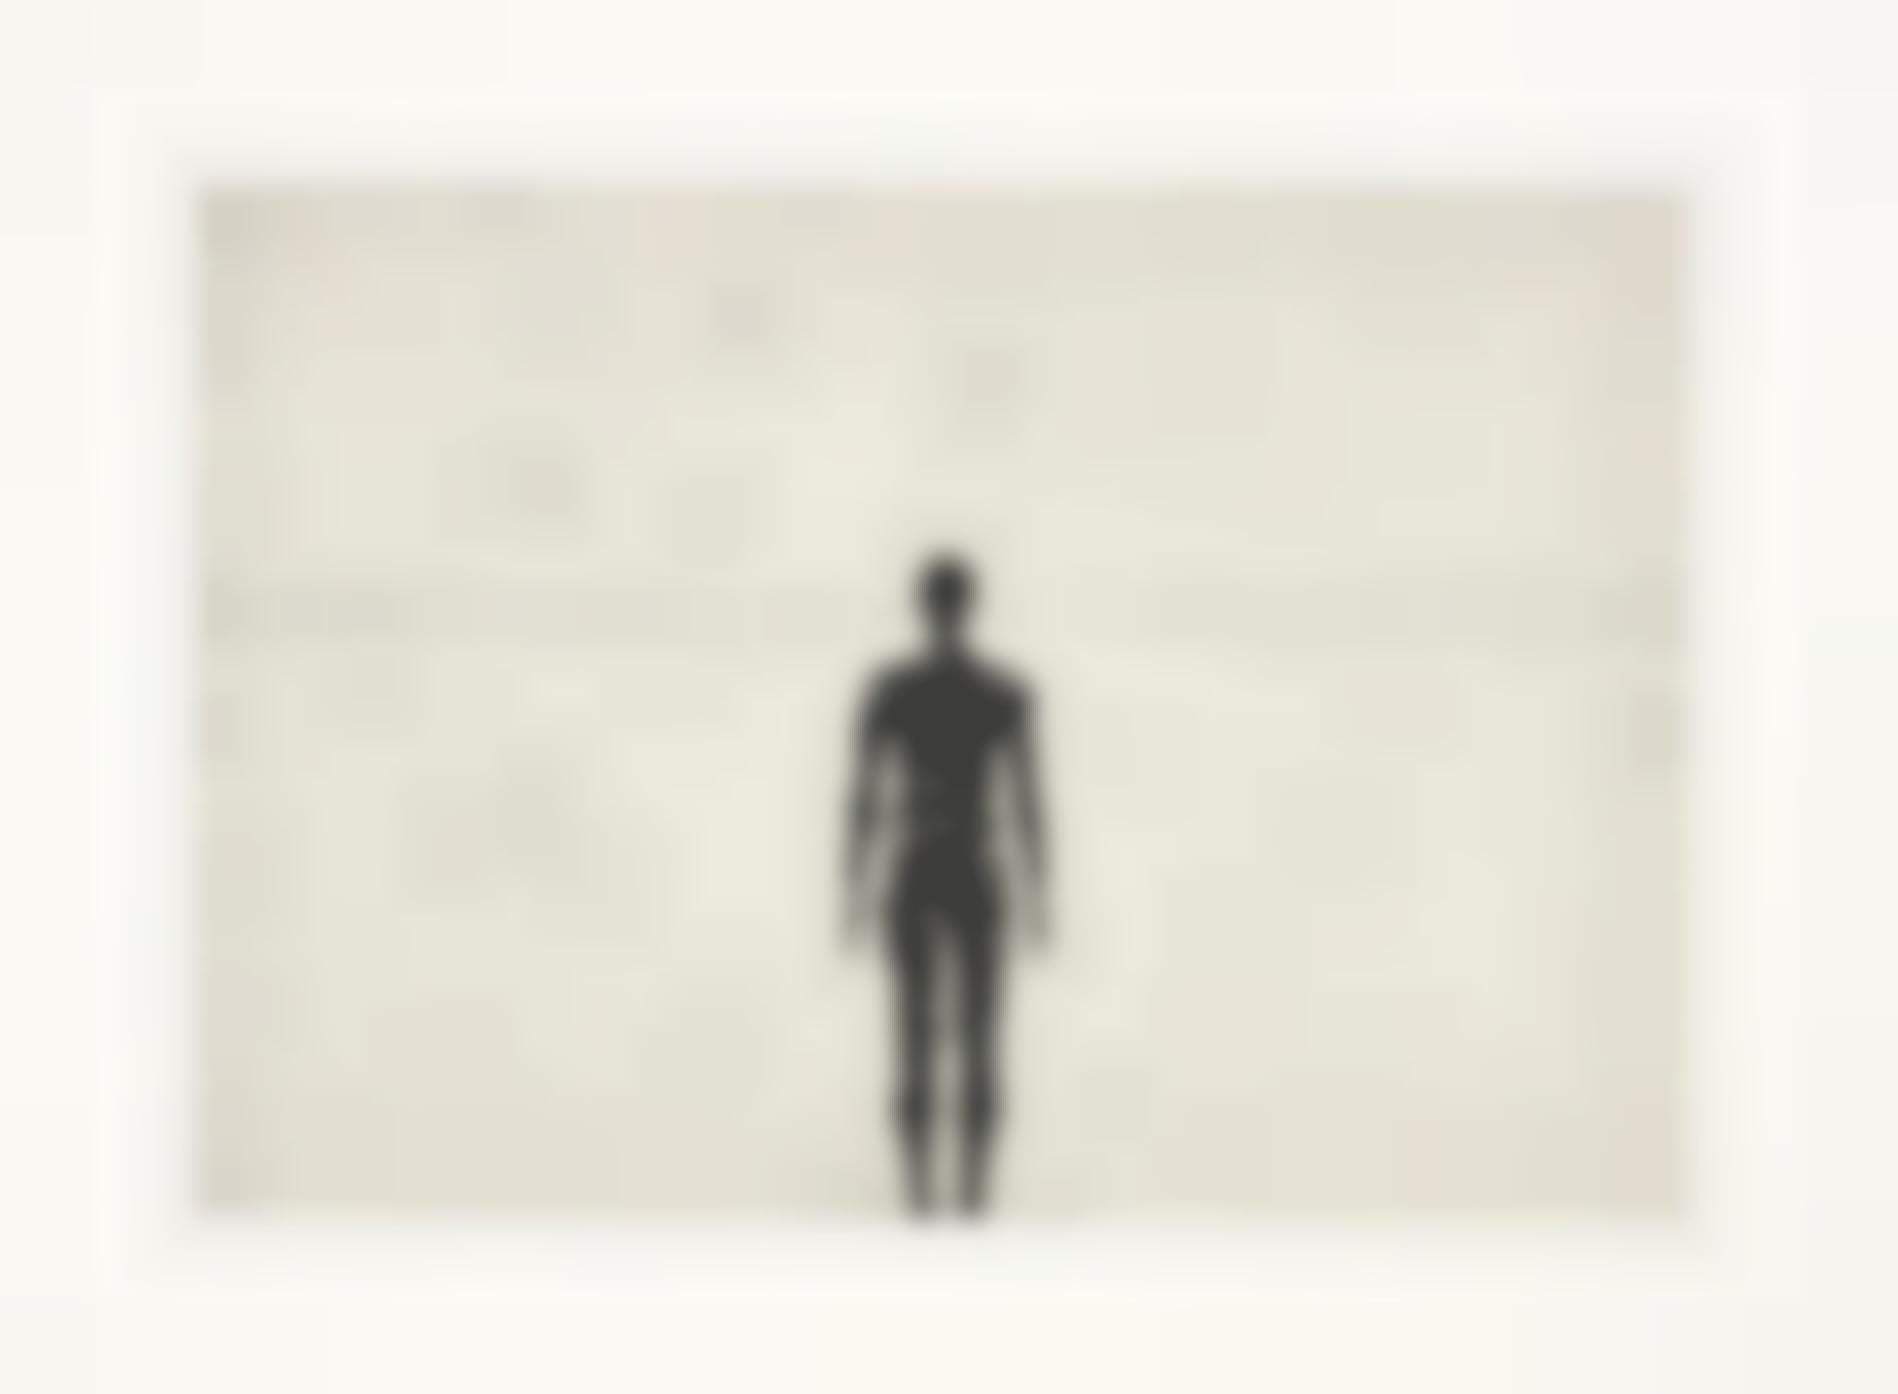 Antony Gormley-Sublimate-2010